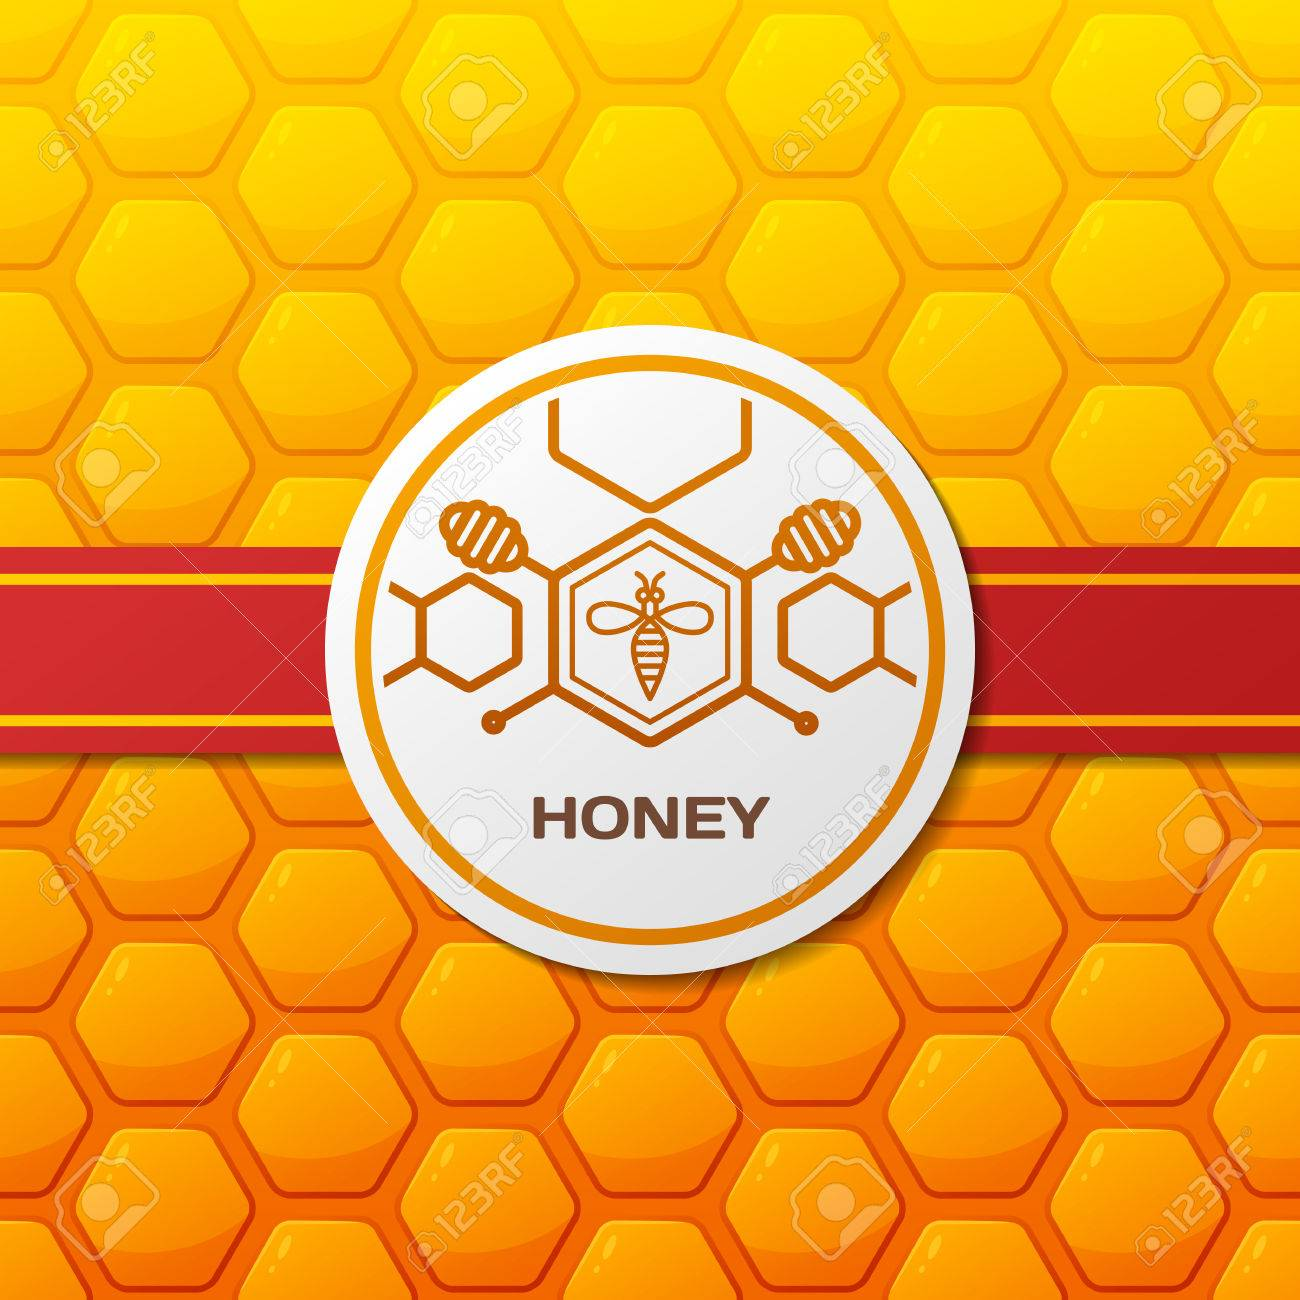 Vector Honey Label Design Elements Honeycombs Texture 1300x1300